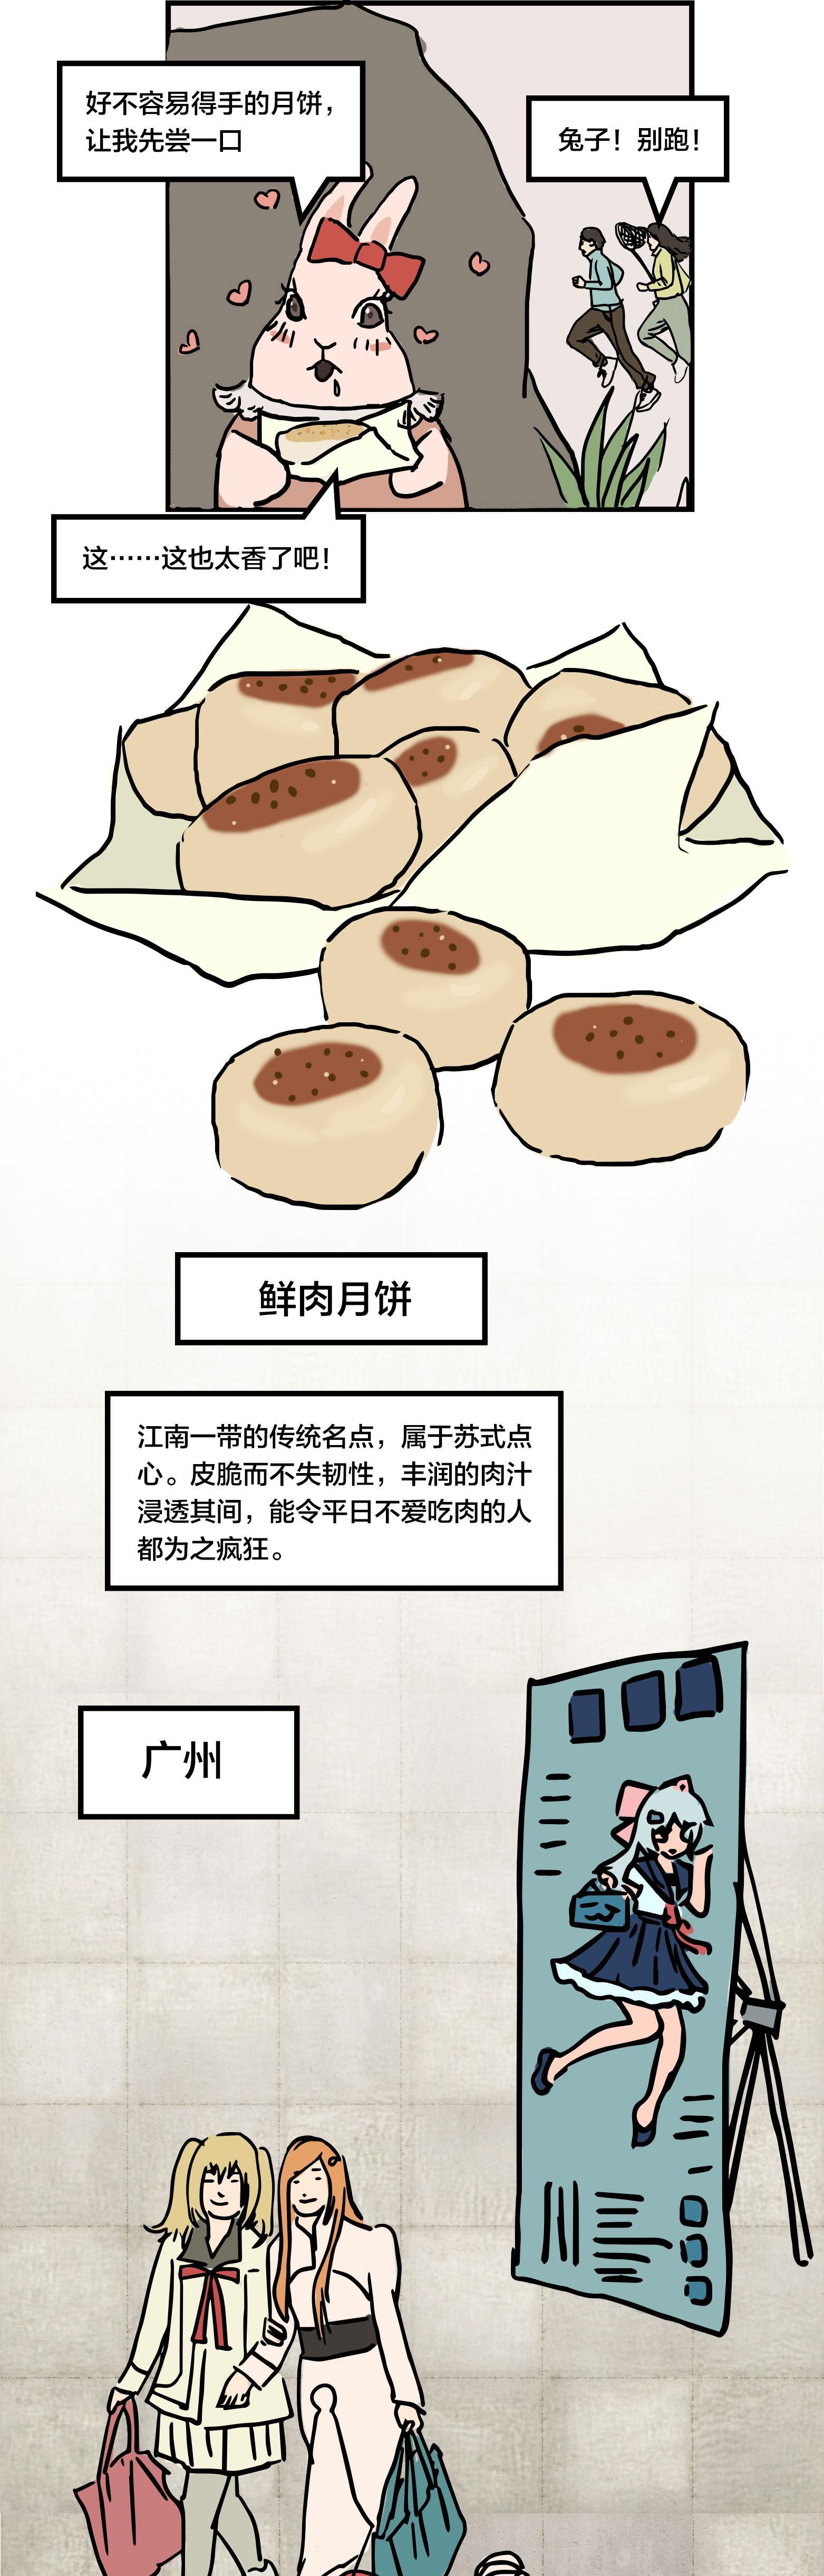 我来自__,我今天吃__味的月饼